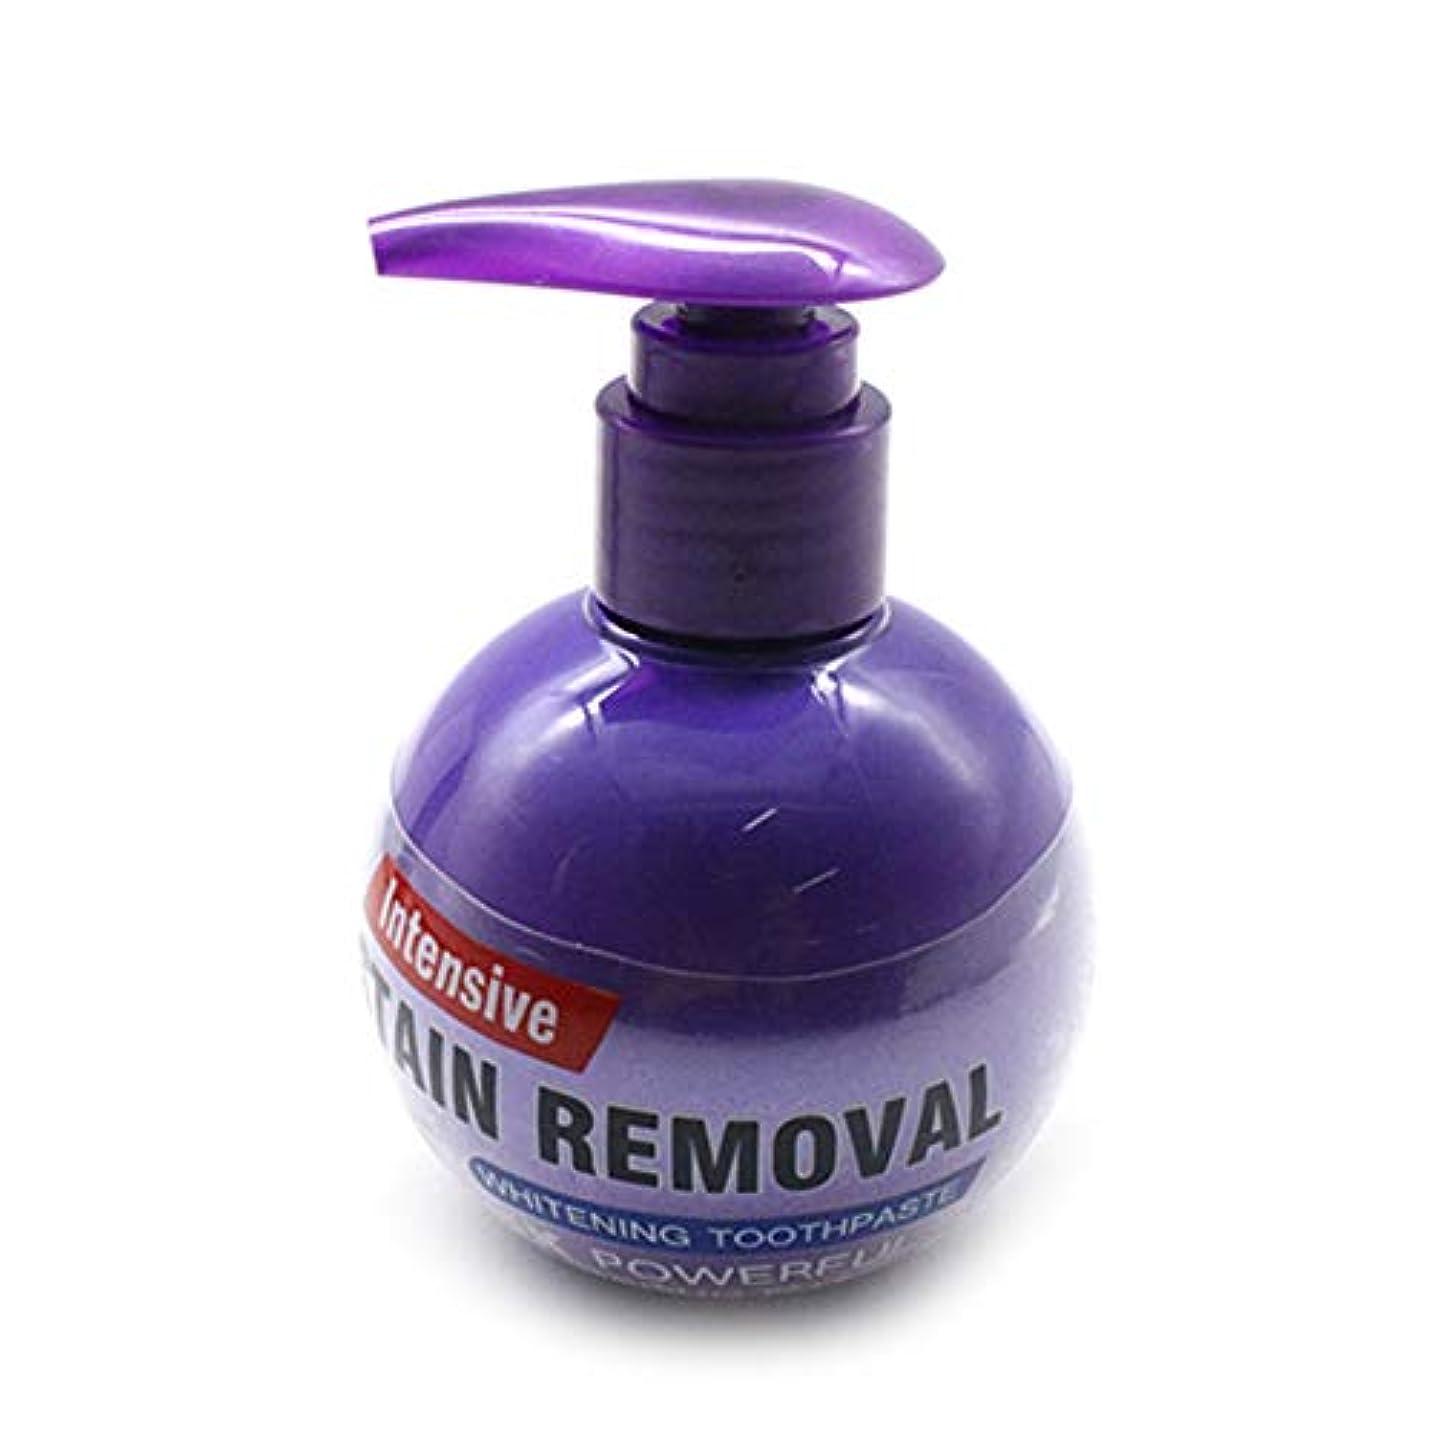 鎮静剤境界抜け目のないBeaurtty強力な洗剤、新しい歯磨き粉の美白、抗出血ガム、歯磨き粉、歯